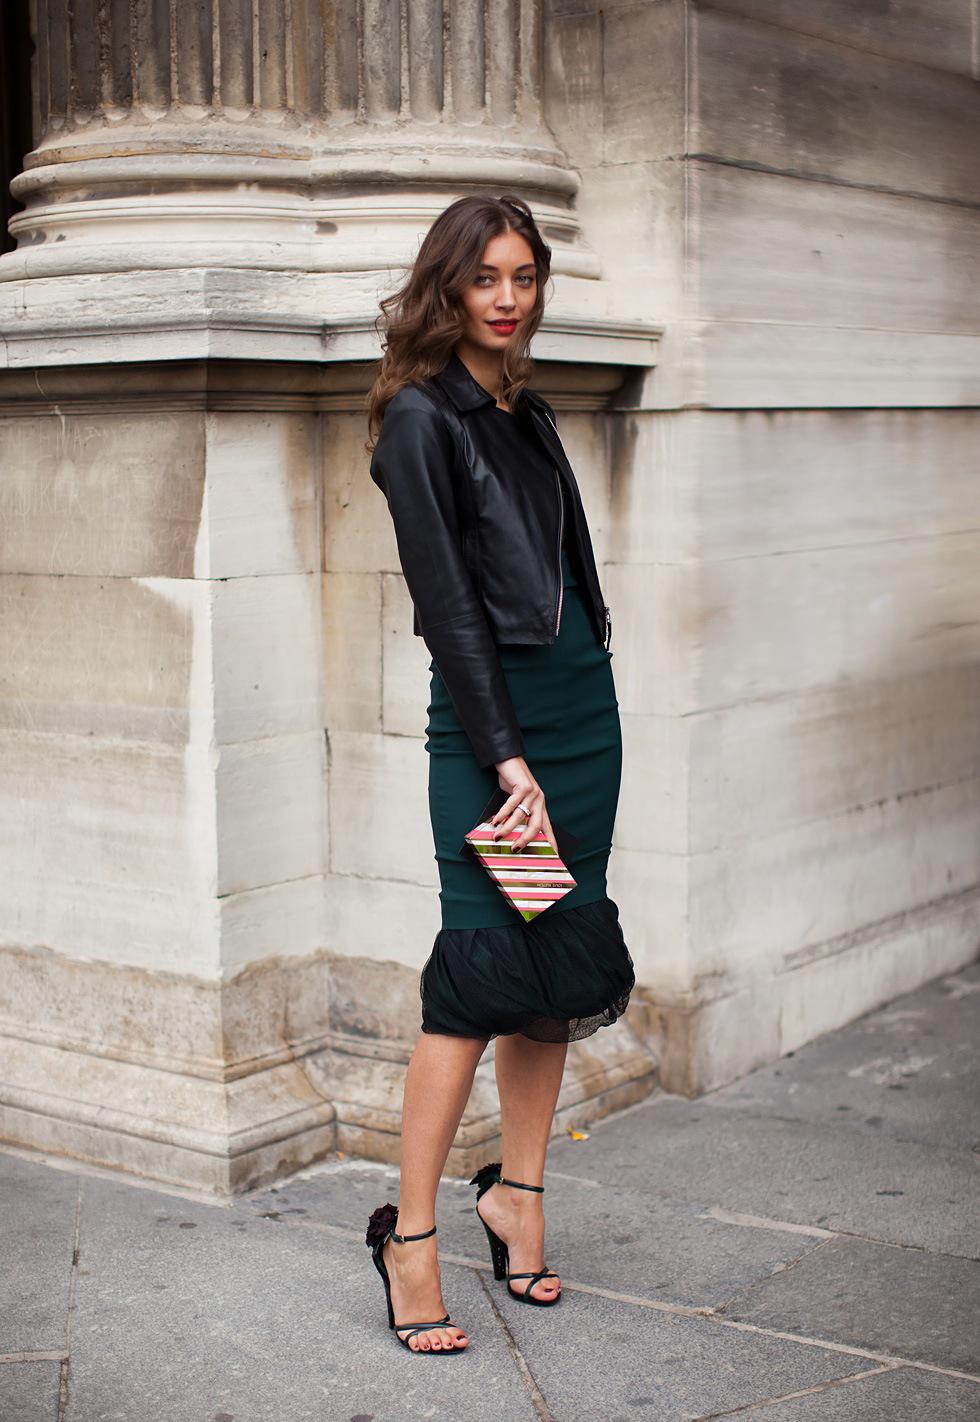 Черные босоножки с зеленым платьем и черной курткой